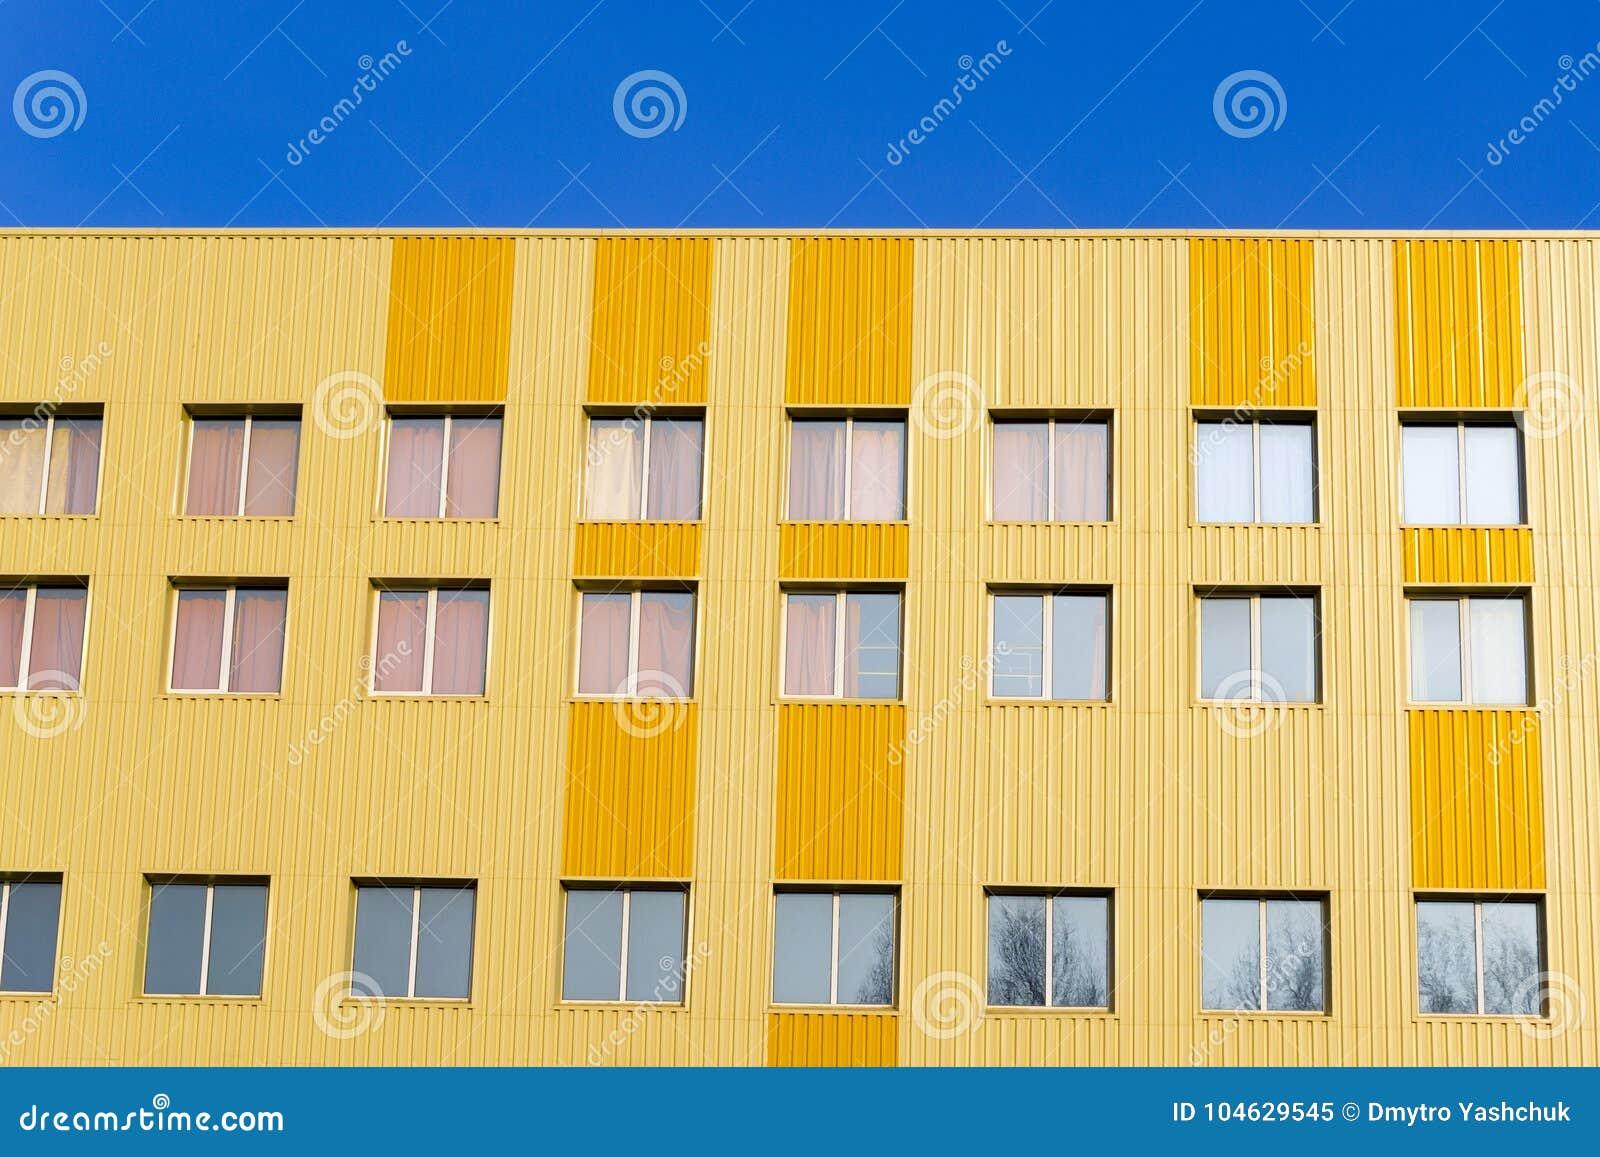 Download Kleurrijke Oude Rijtjeshuisvoorgevel Bouw De Van De Binnenstad Van De Stadsarchitectuur Veelvoudige Vensters Stock Afbeelding - Afbeelding bestaande uit downtown, levensstijl: 104629545